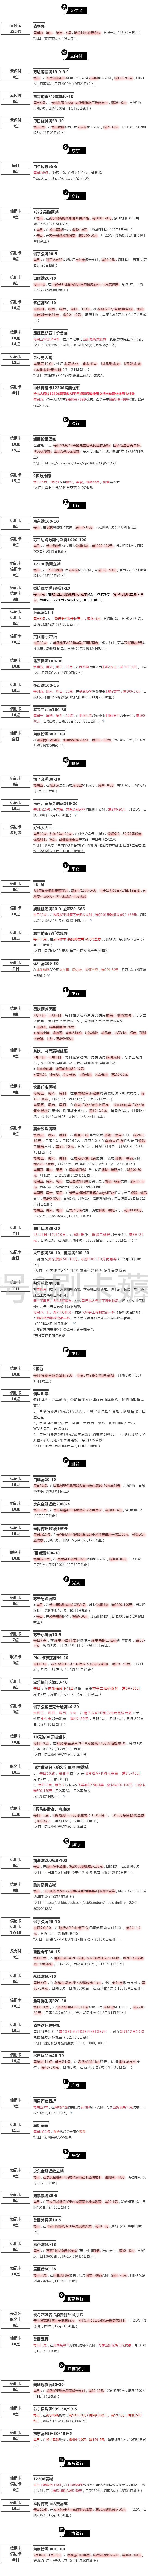 周五(9.18)刷什么(图片版)-惠小助(52huixz.com)